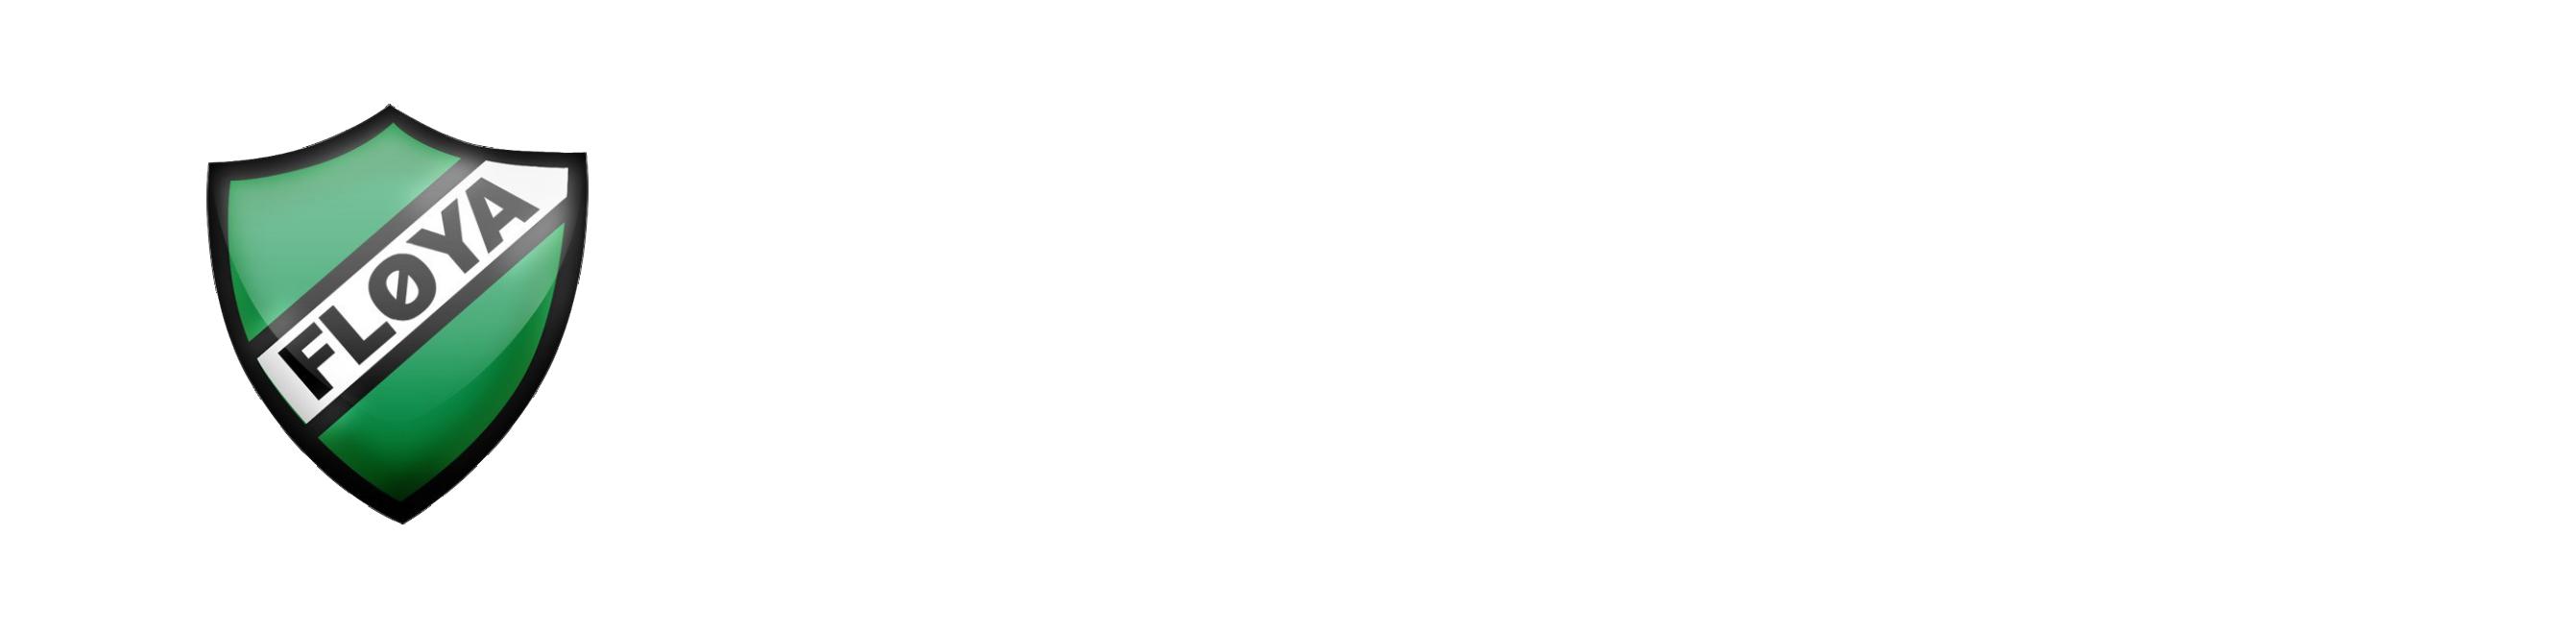 Fløya IF Logobilde